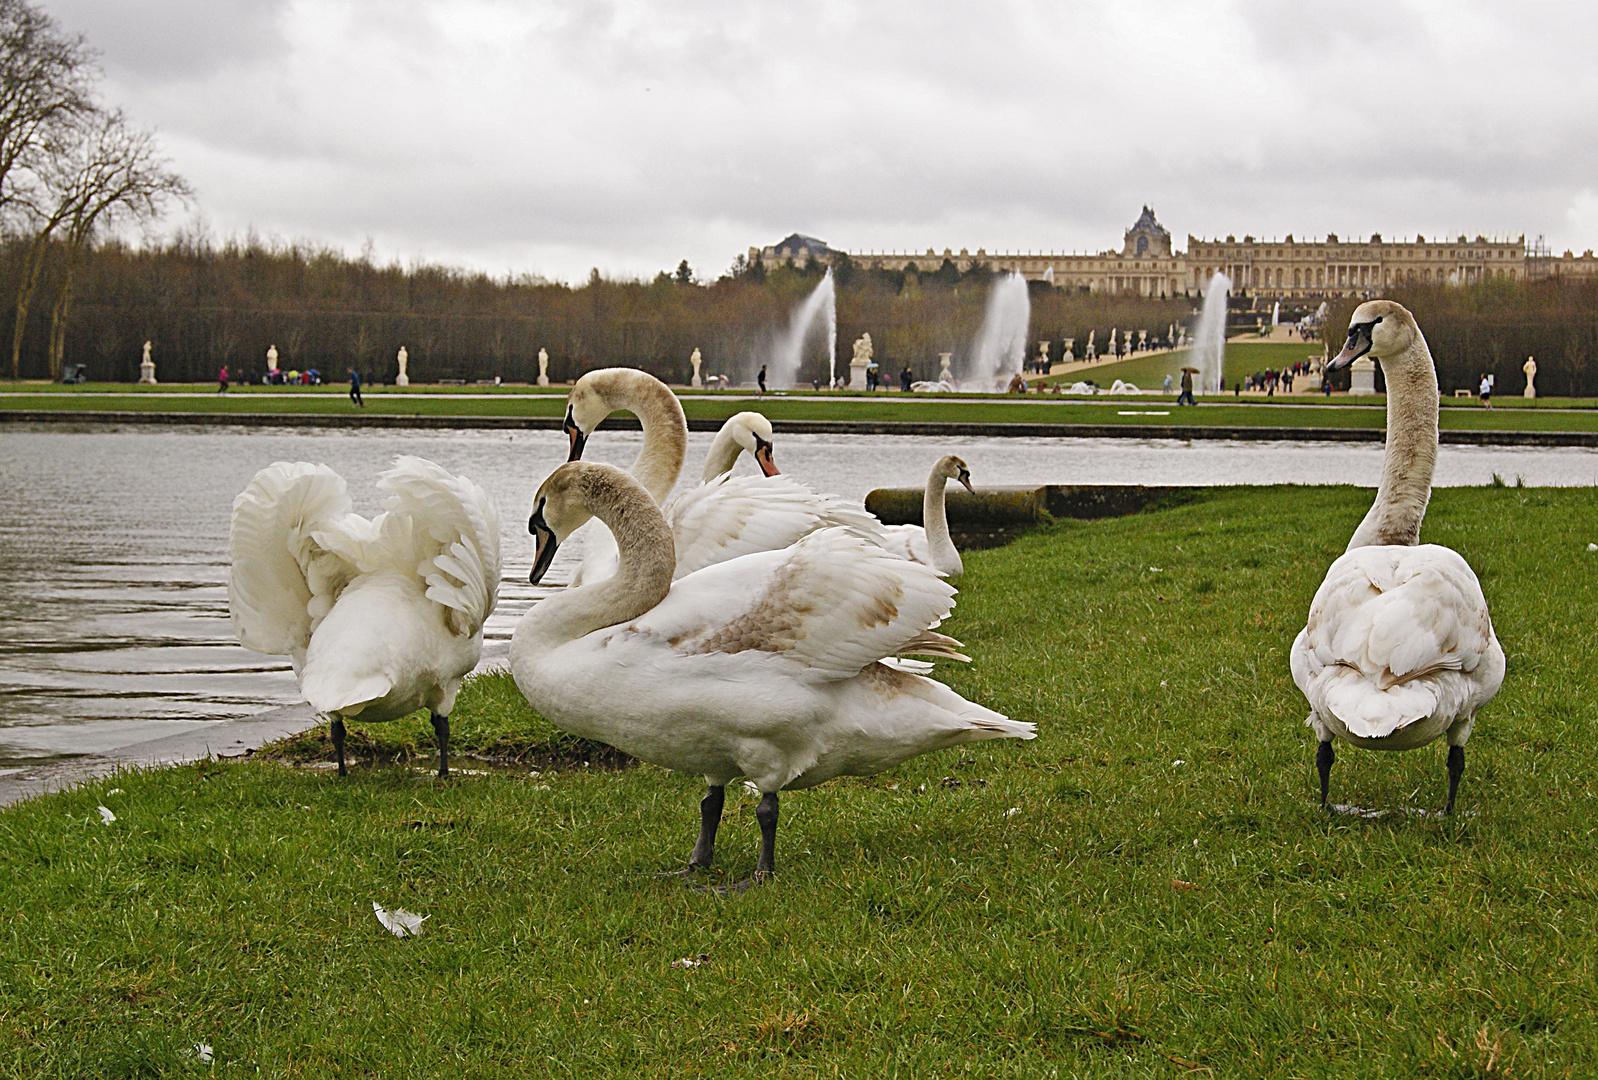 le château des cygnes, Versailles